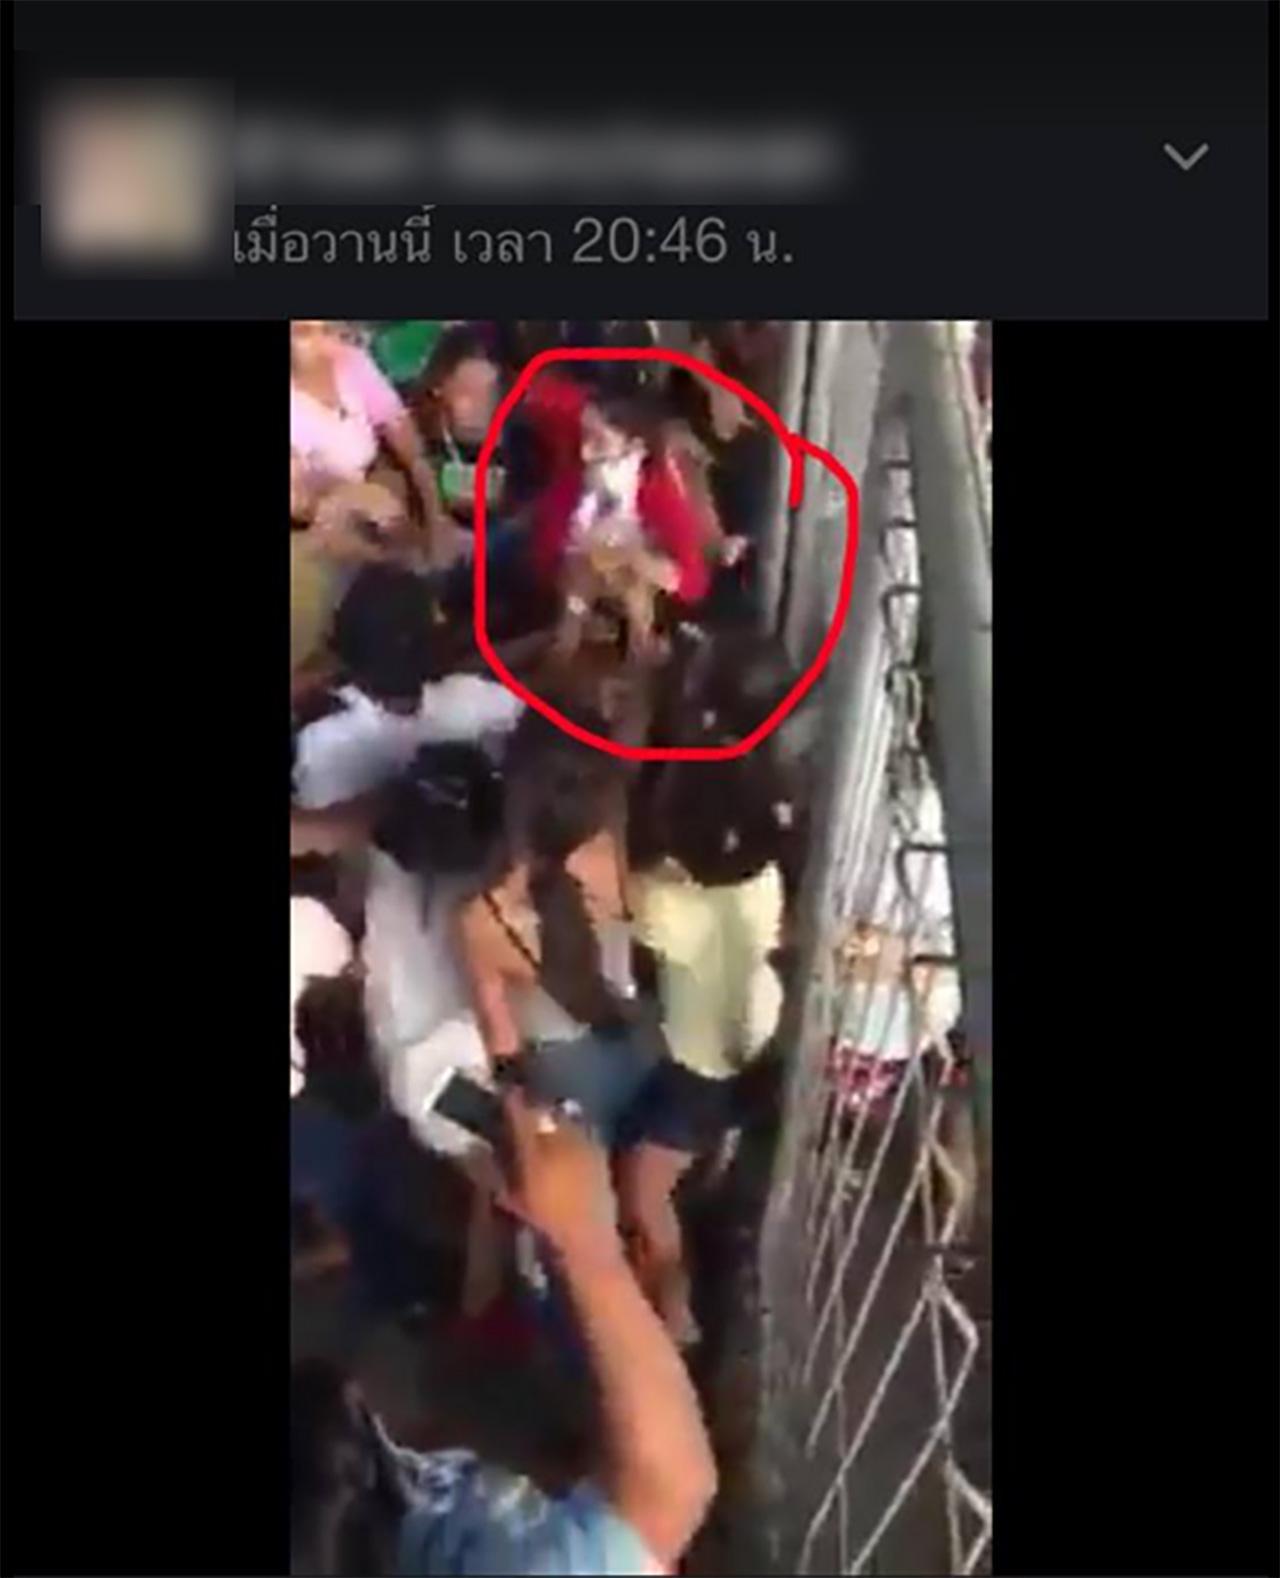 ชาวเน็ตบอกว่า ผู้หญิงเสื้อแดง มีแมสปิดหน้า คือแพท ณปภา